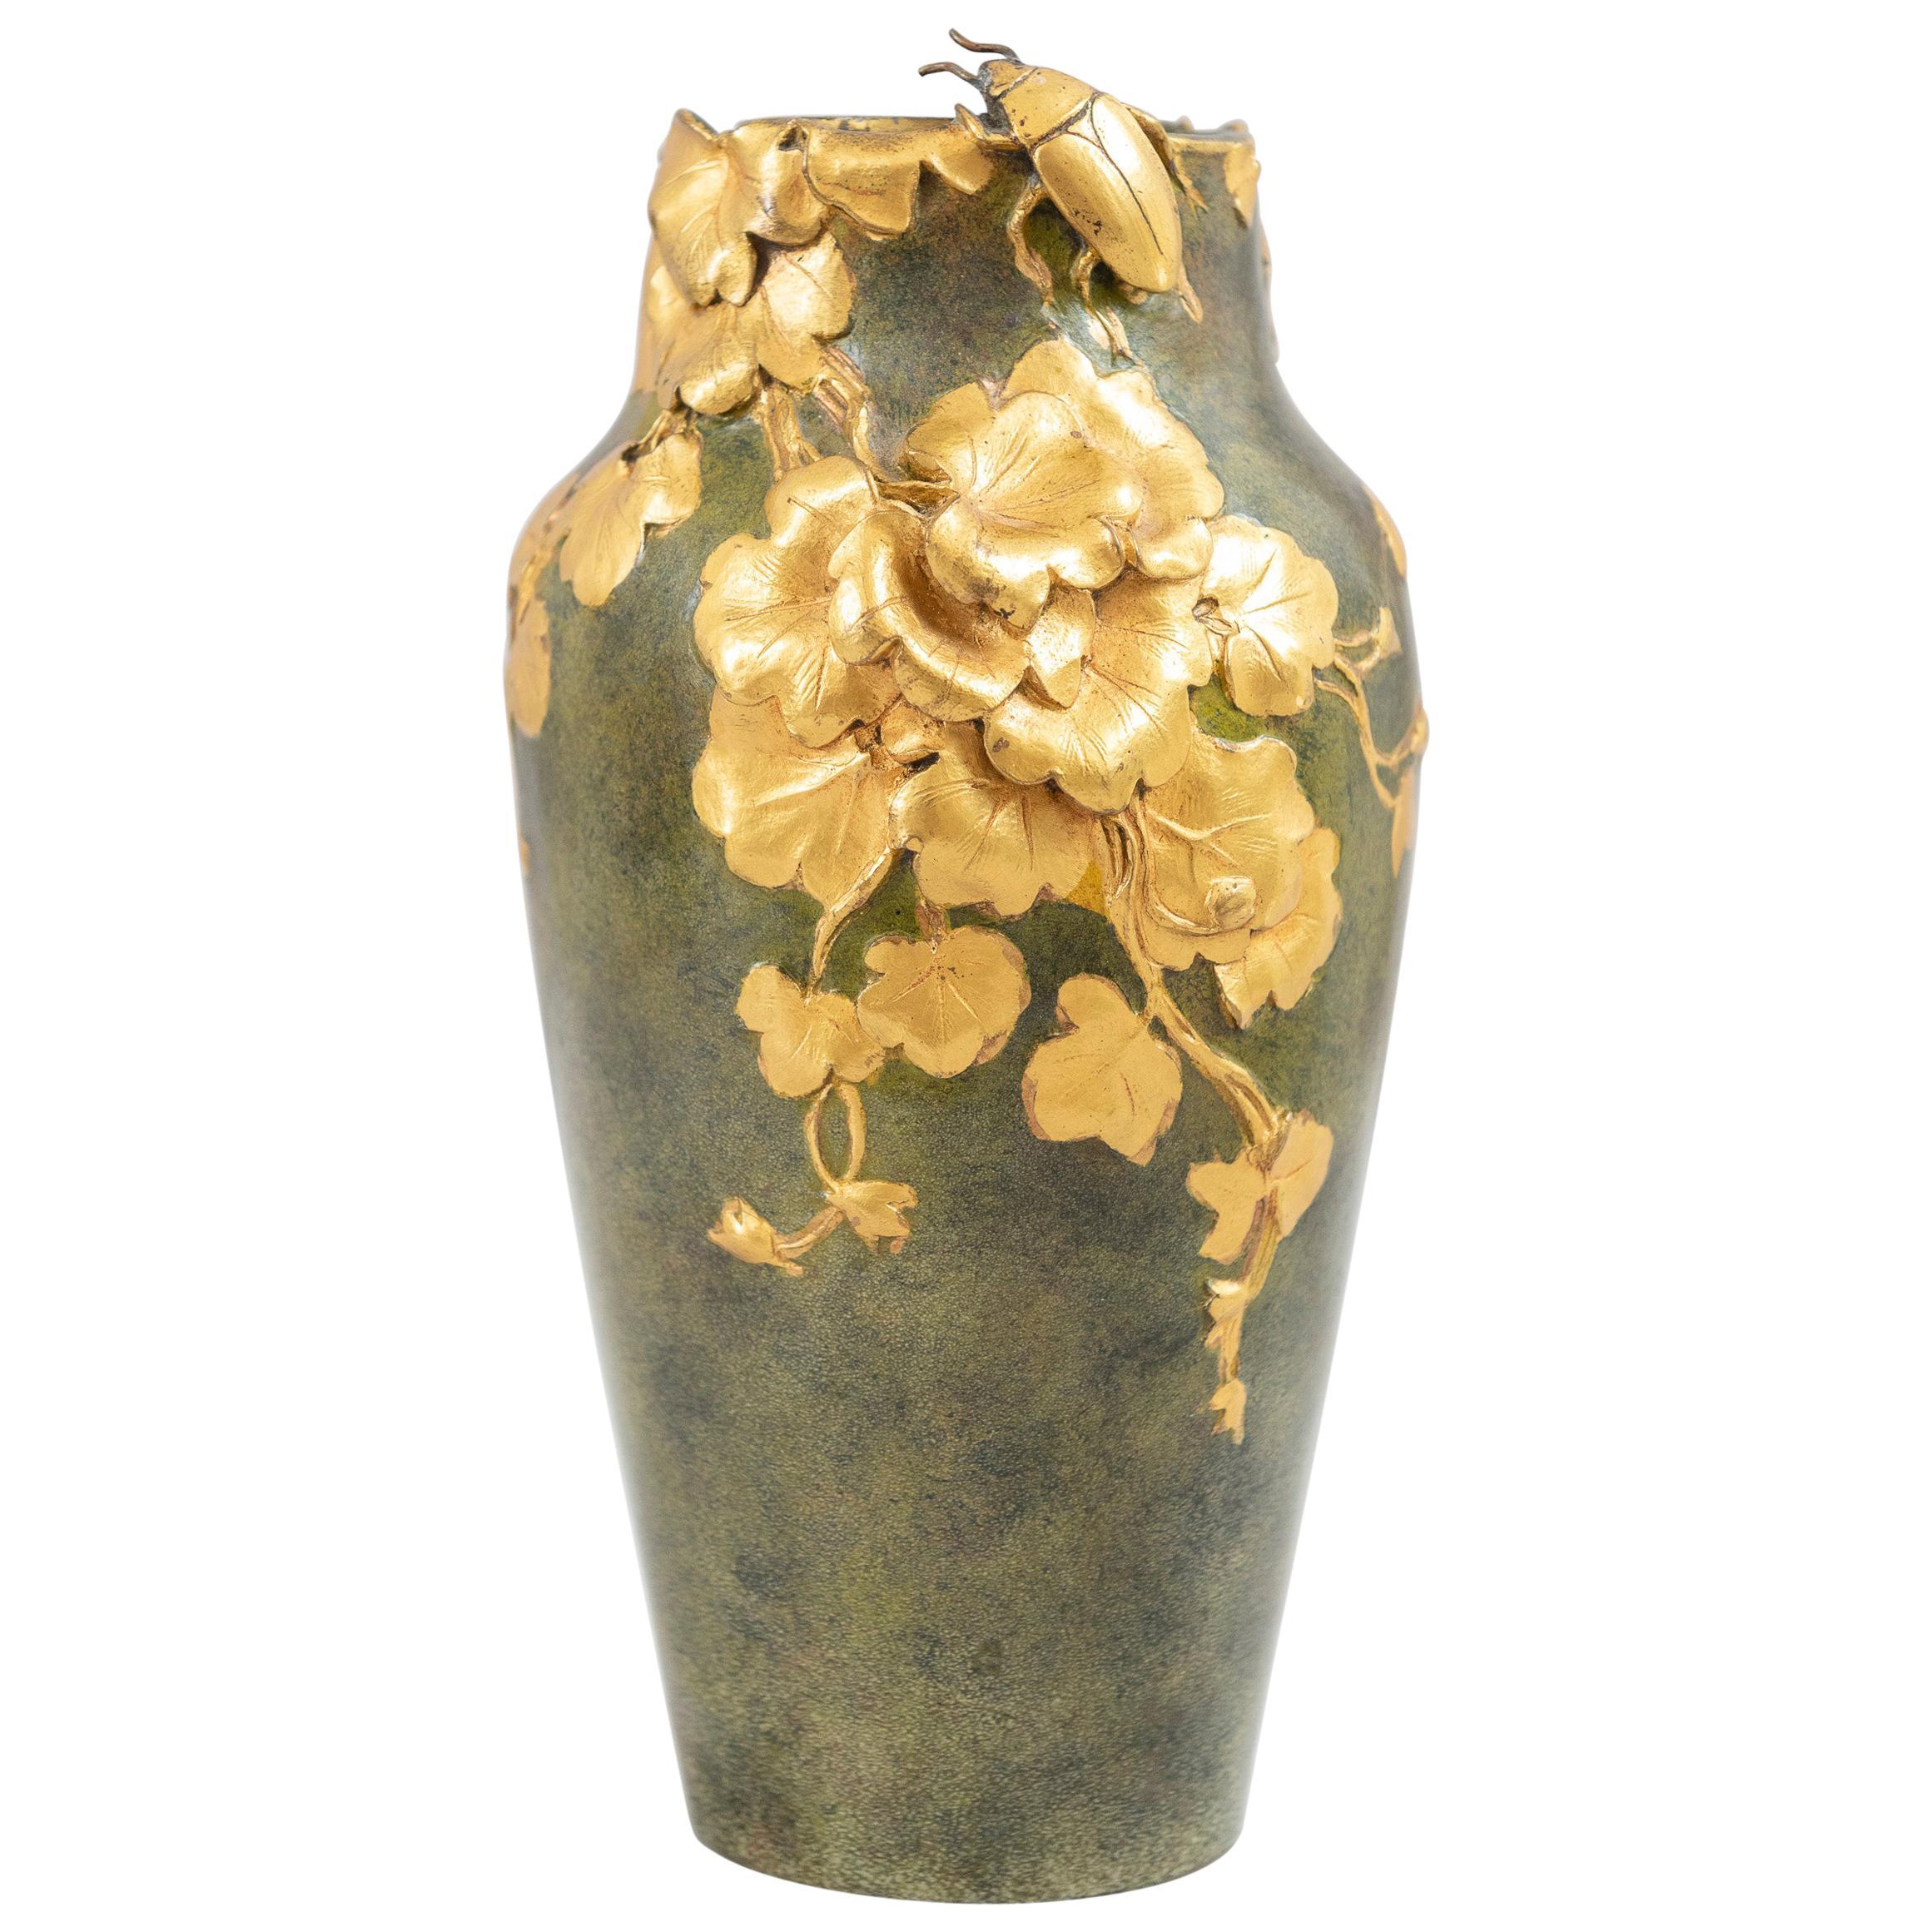 Antique Art Nouveau Gilt and Patinated Bronze Vase, Artist Signed